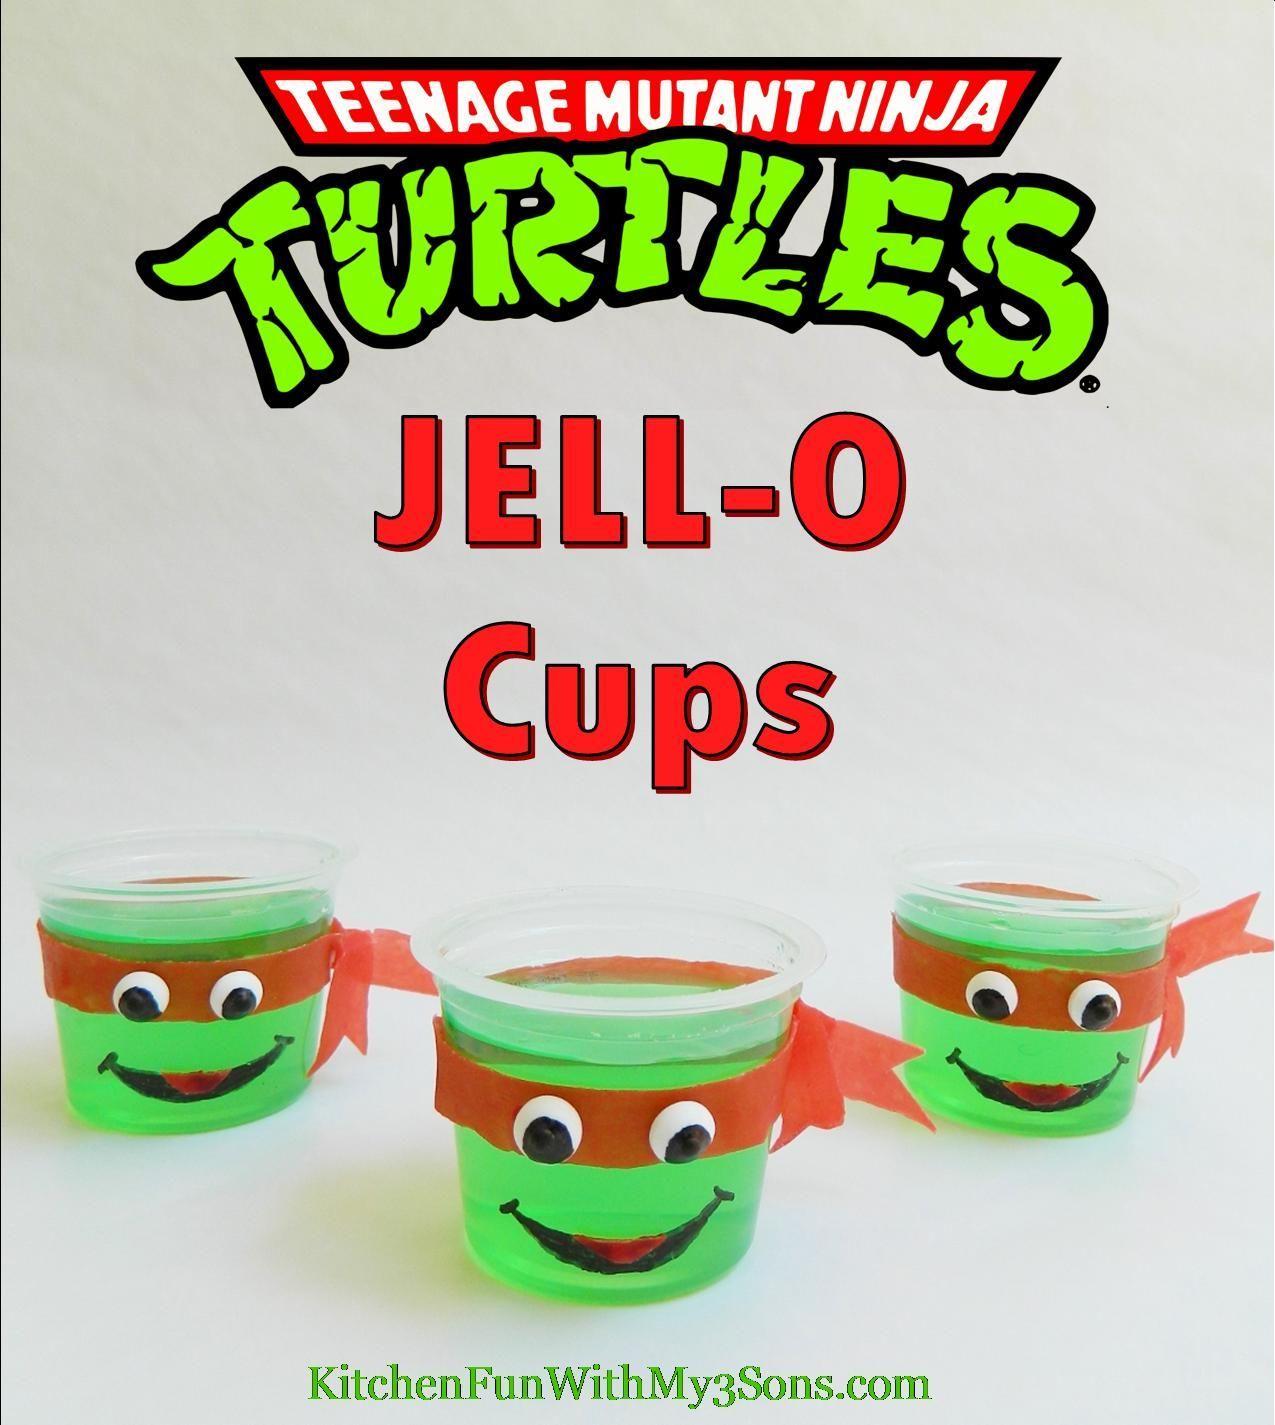 Ninja Turtle Jello Cups Jello Kids Party Ideas Teenage Mutant Ninja Turtle Kids Food Kids